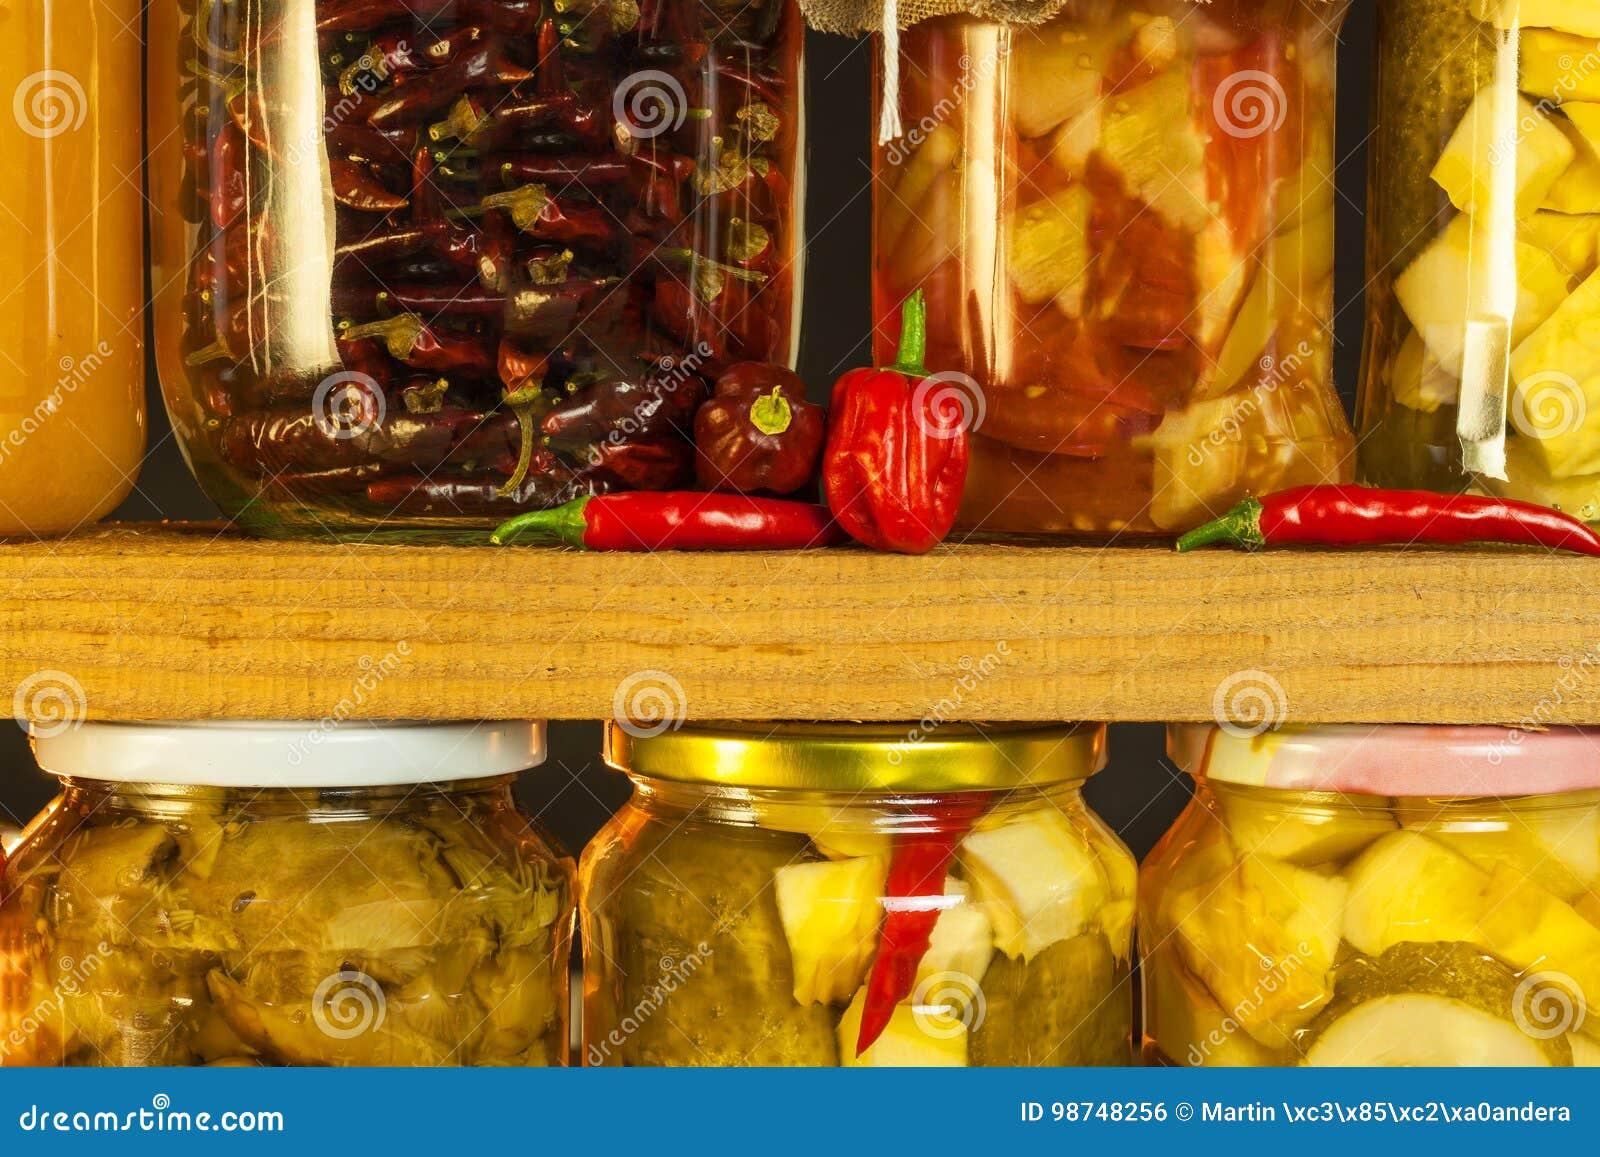 瓶子用用卤汁泡的食物和有机未加工的蔬菜 在木背景的被保存的菜 各种各样的用卤汁泡的食物 在a的生活